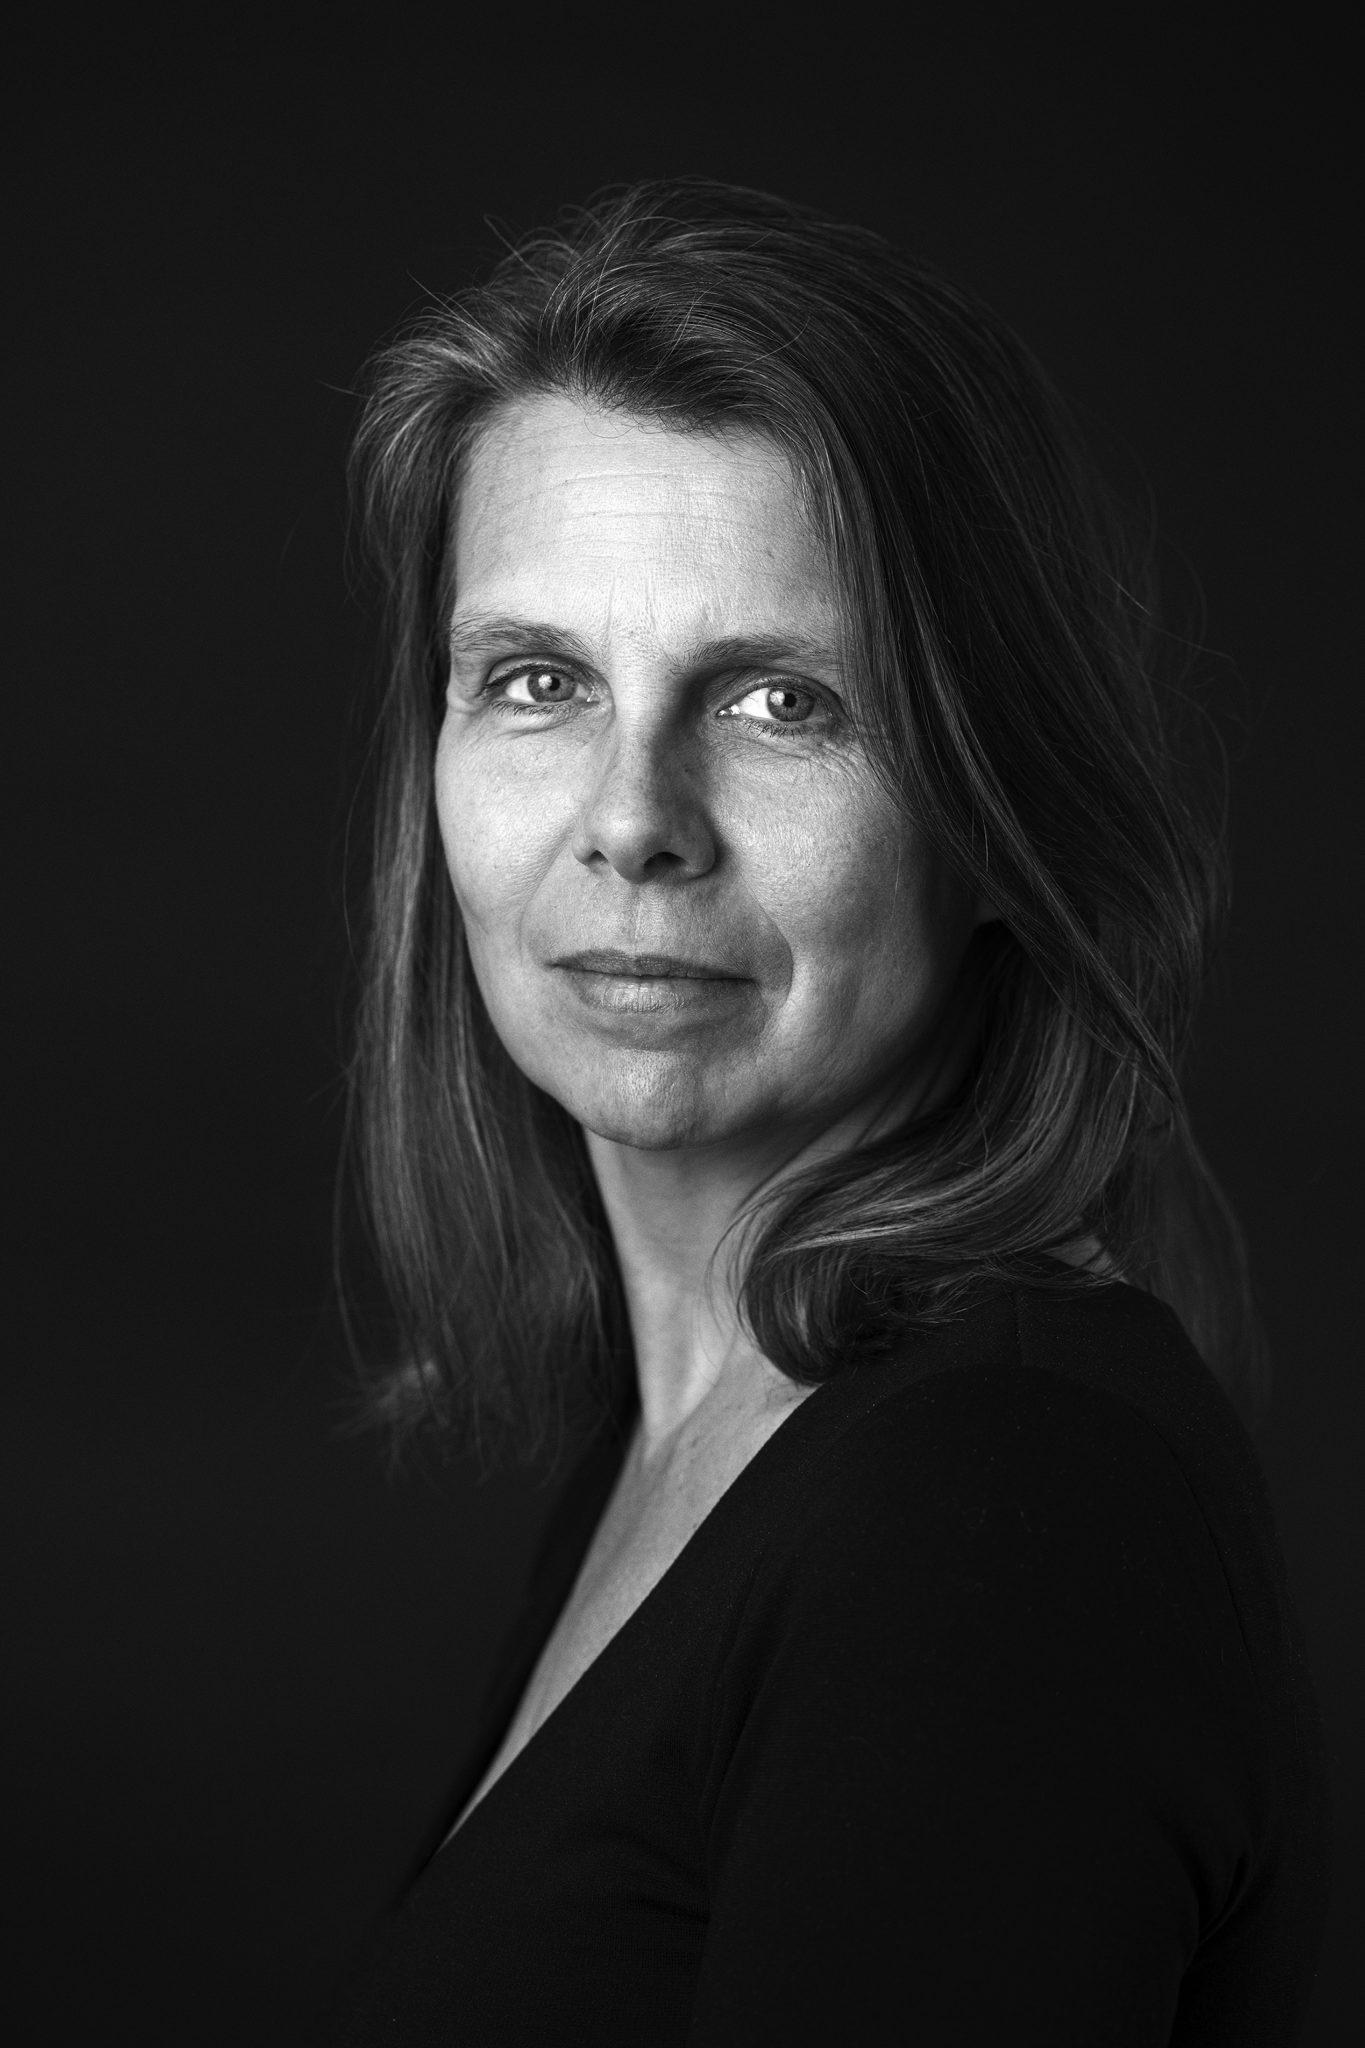 Portretfotografie Zwart Wit